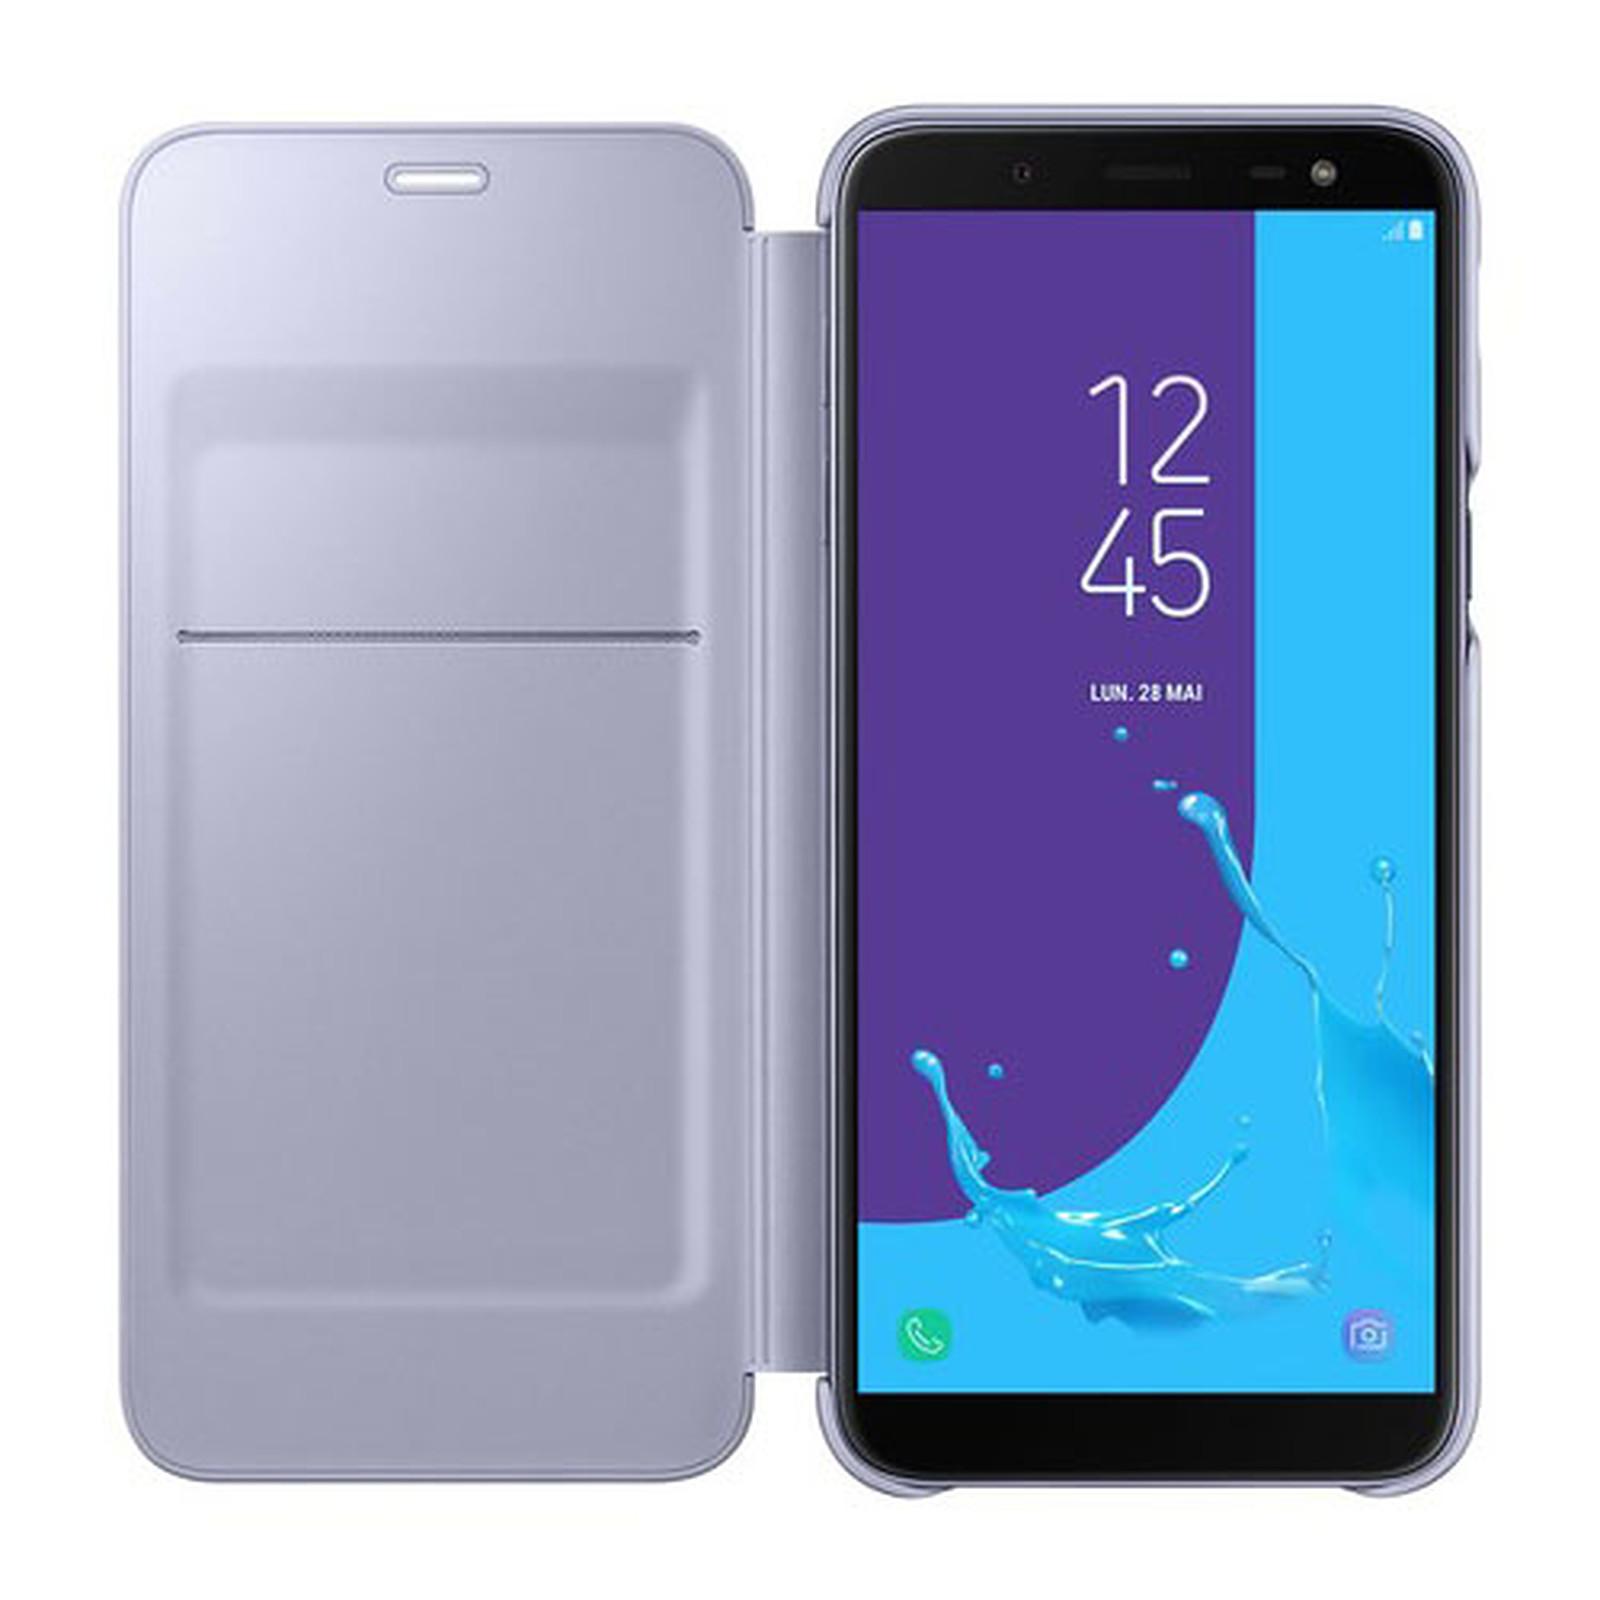 ddb45c1cb19 Samsung Flip Wallet Lavande Galaxy J6 2018 - Funda de teléfono ...